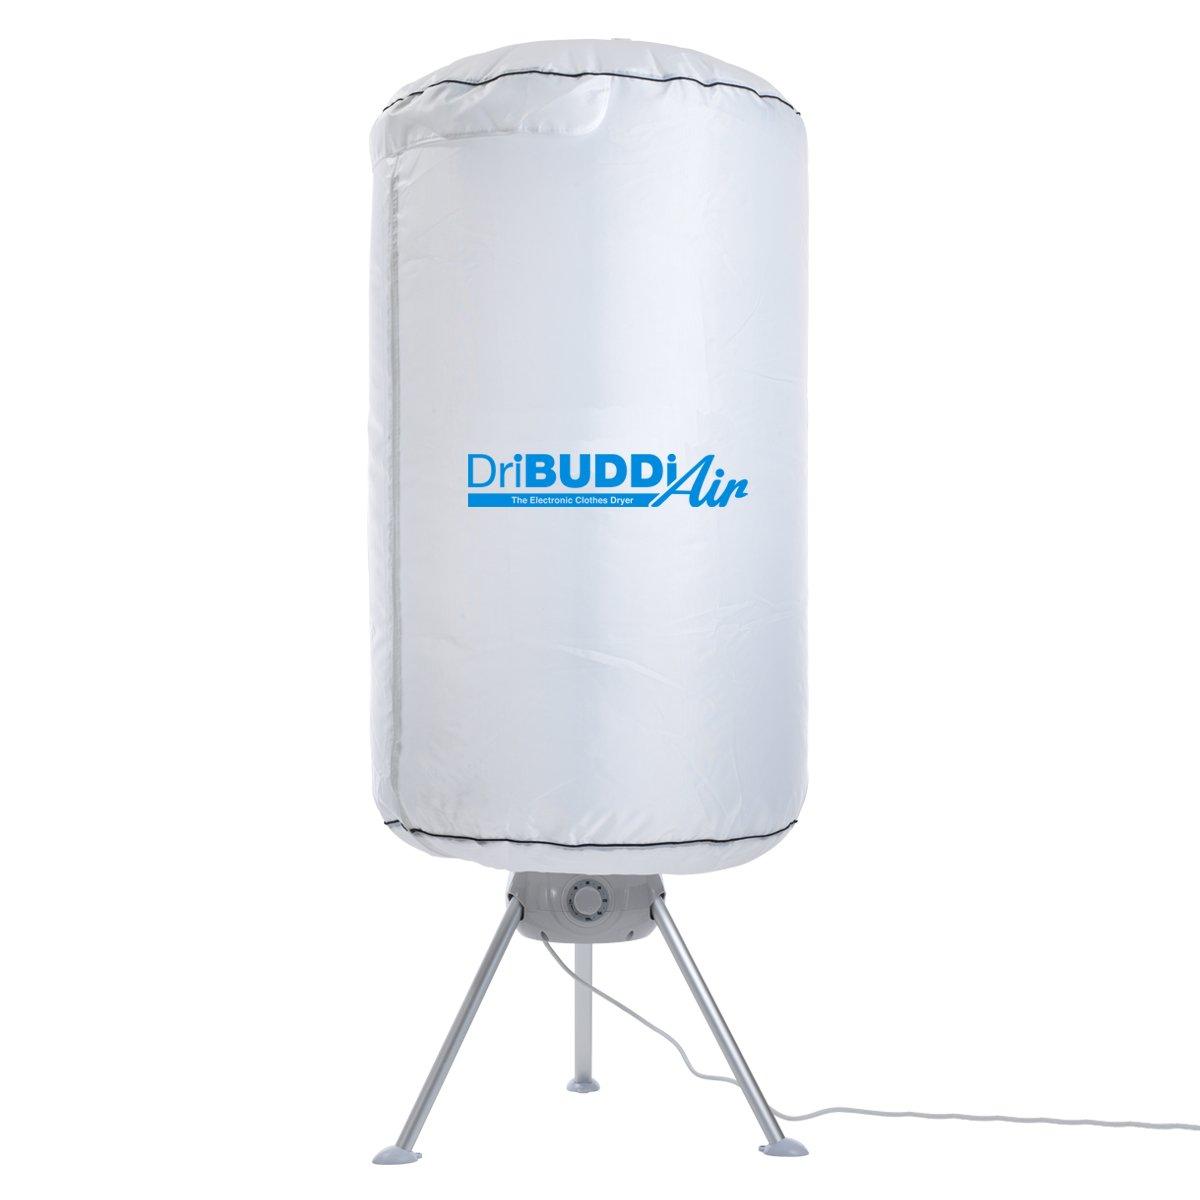 JML DriBUDDi Air Portable Electric Clothes Dryer, 900W 14 Kilos White